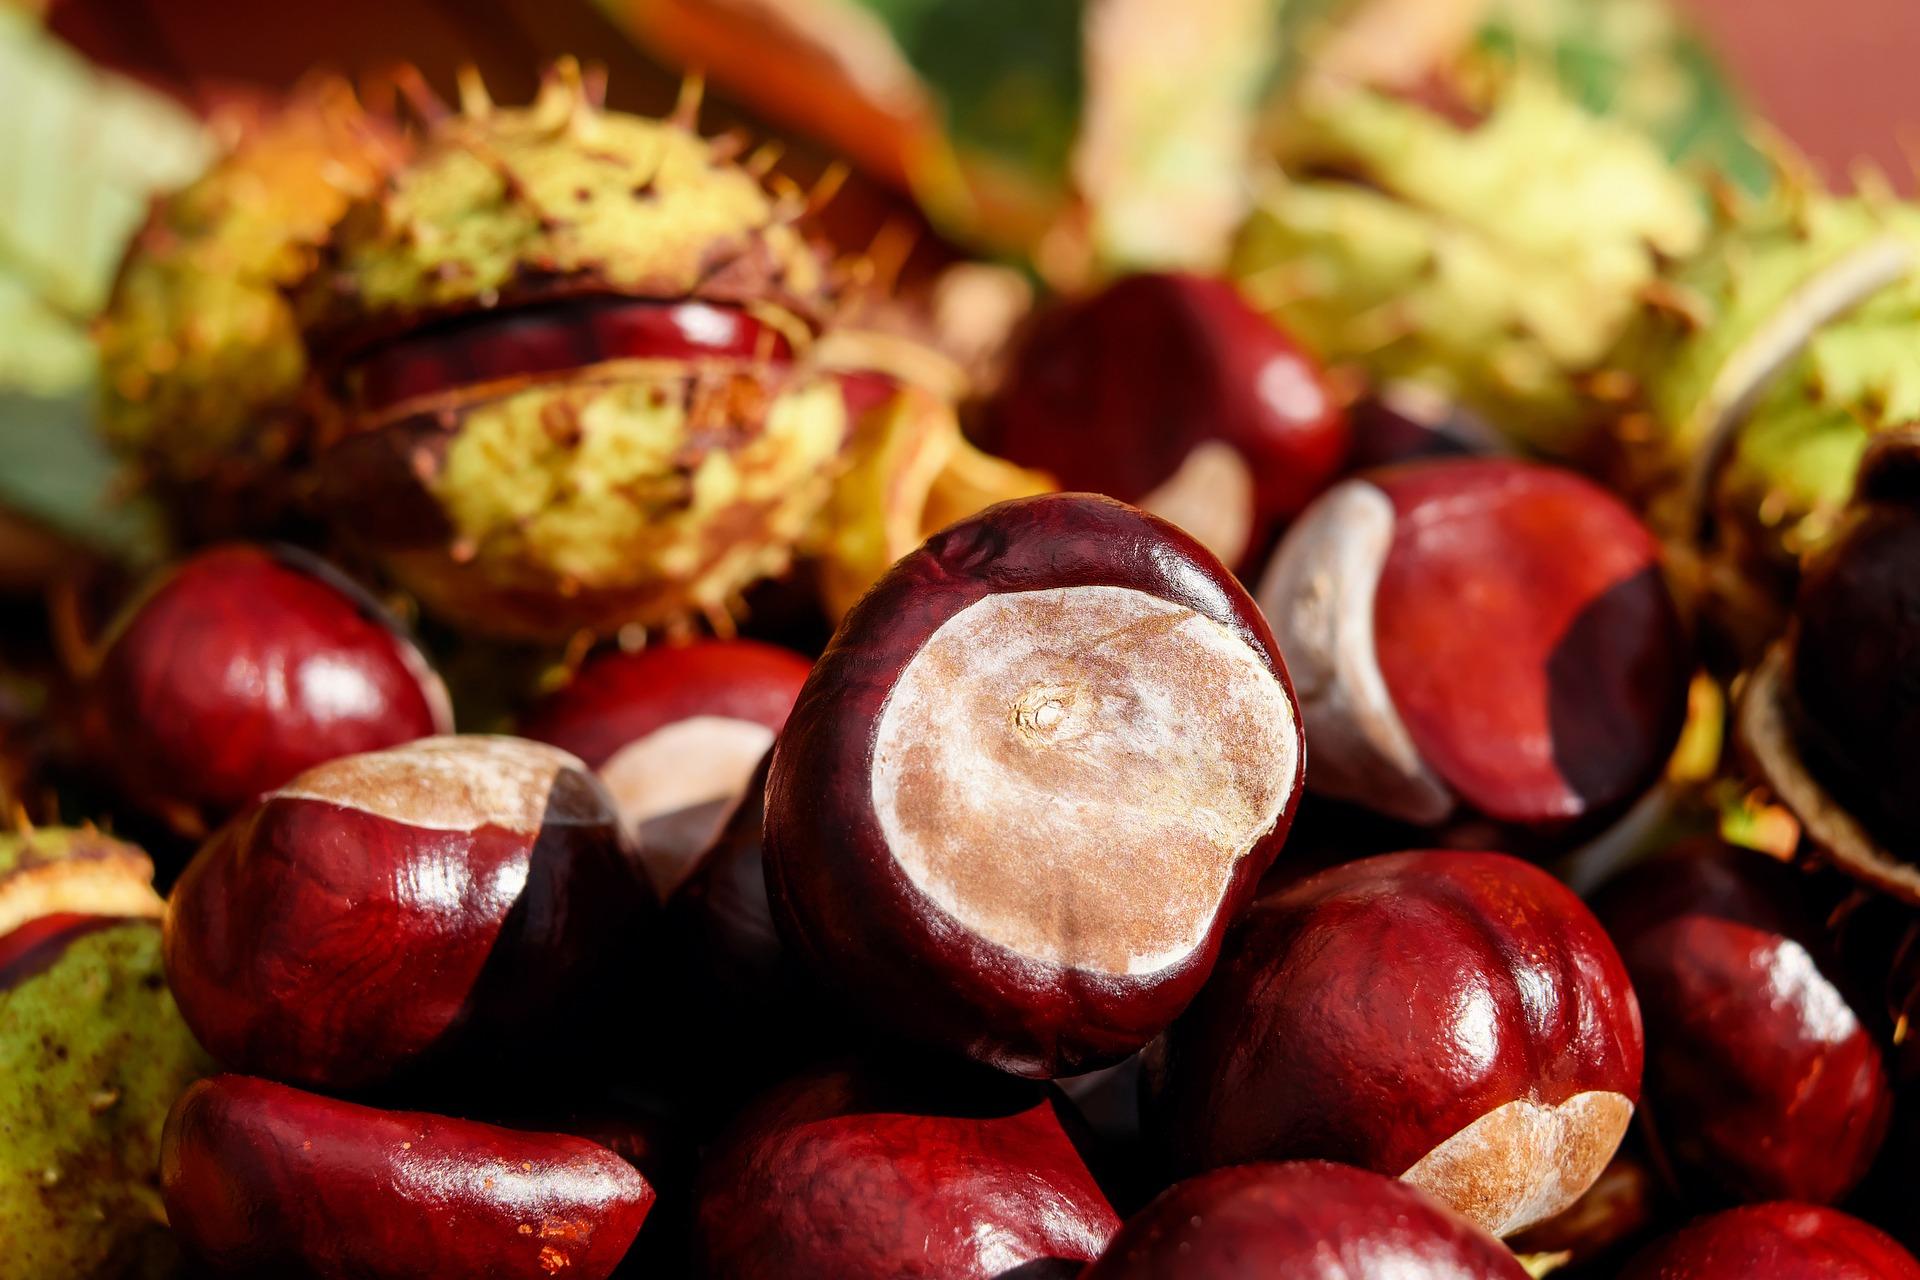 chestnut-1710748_1920.jpg